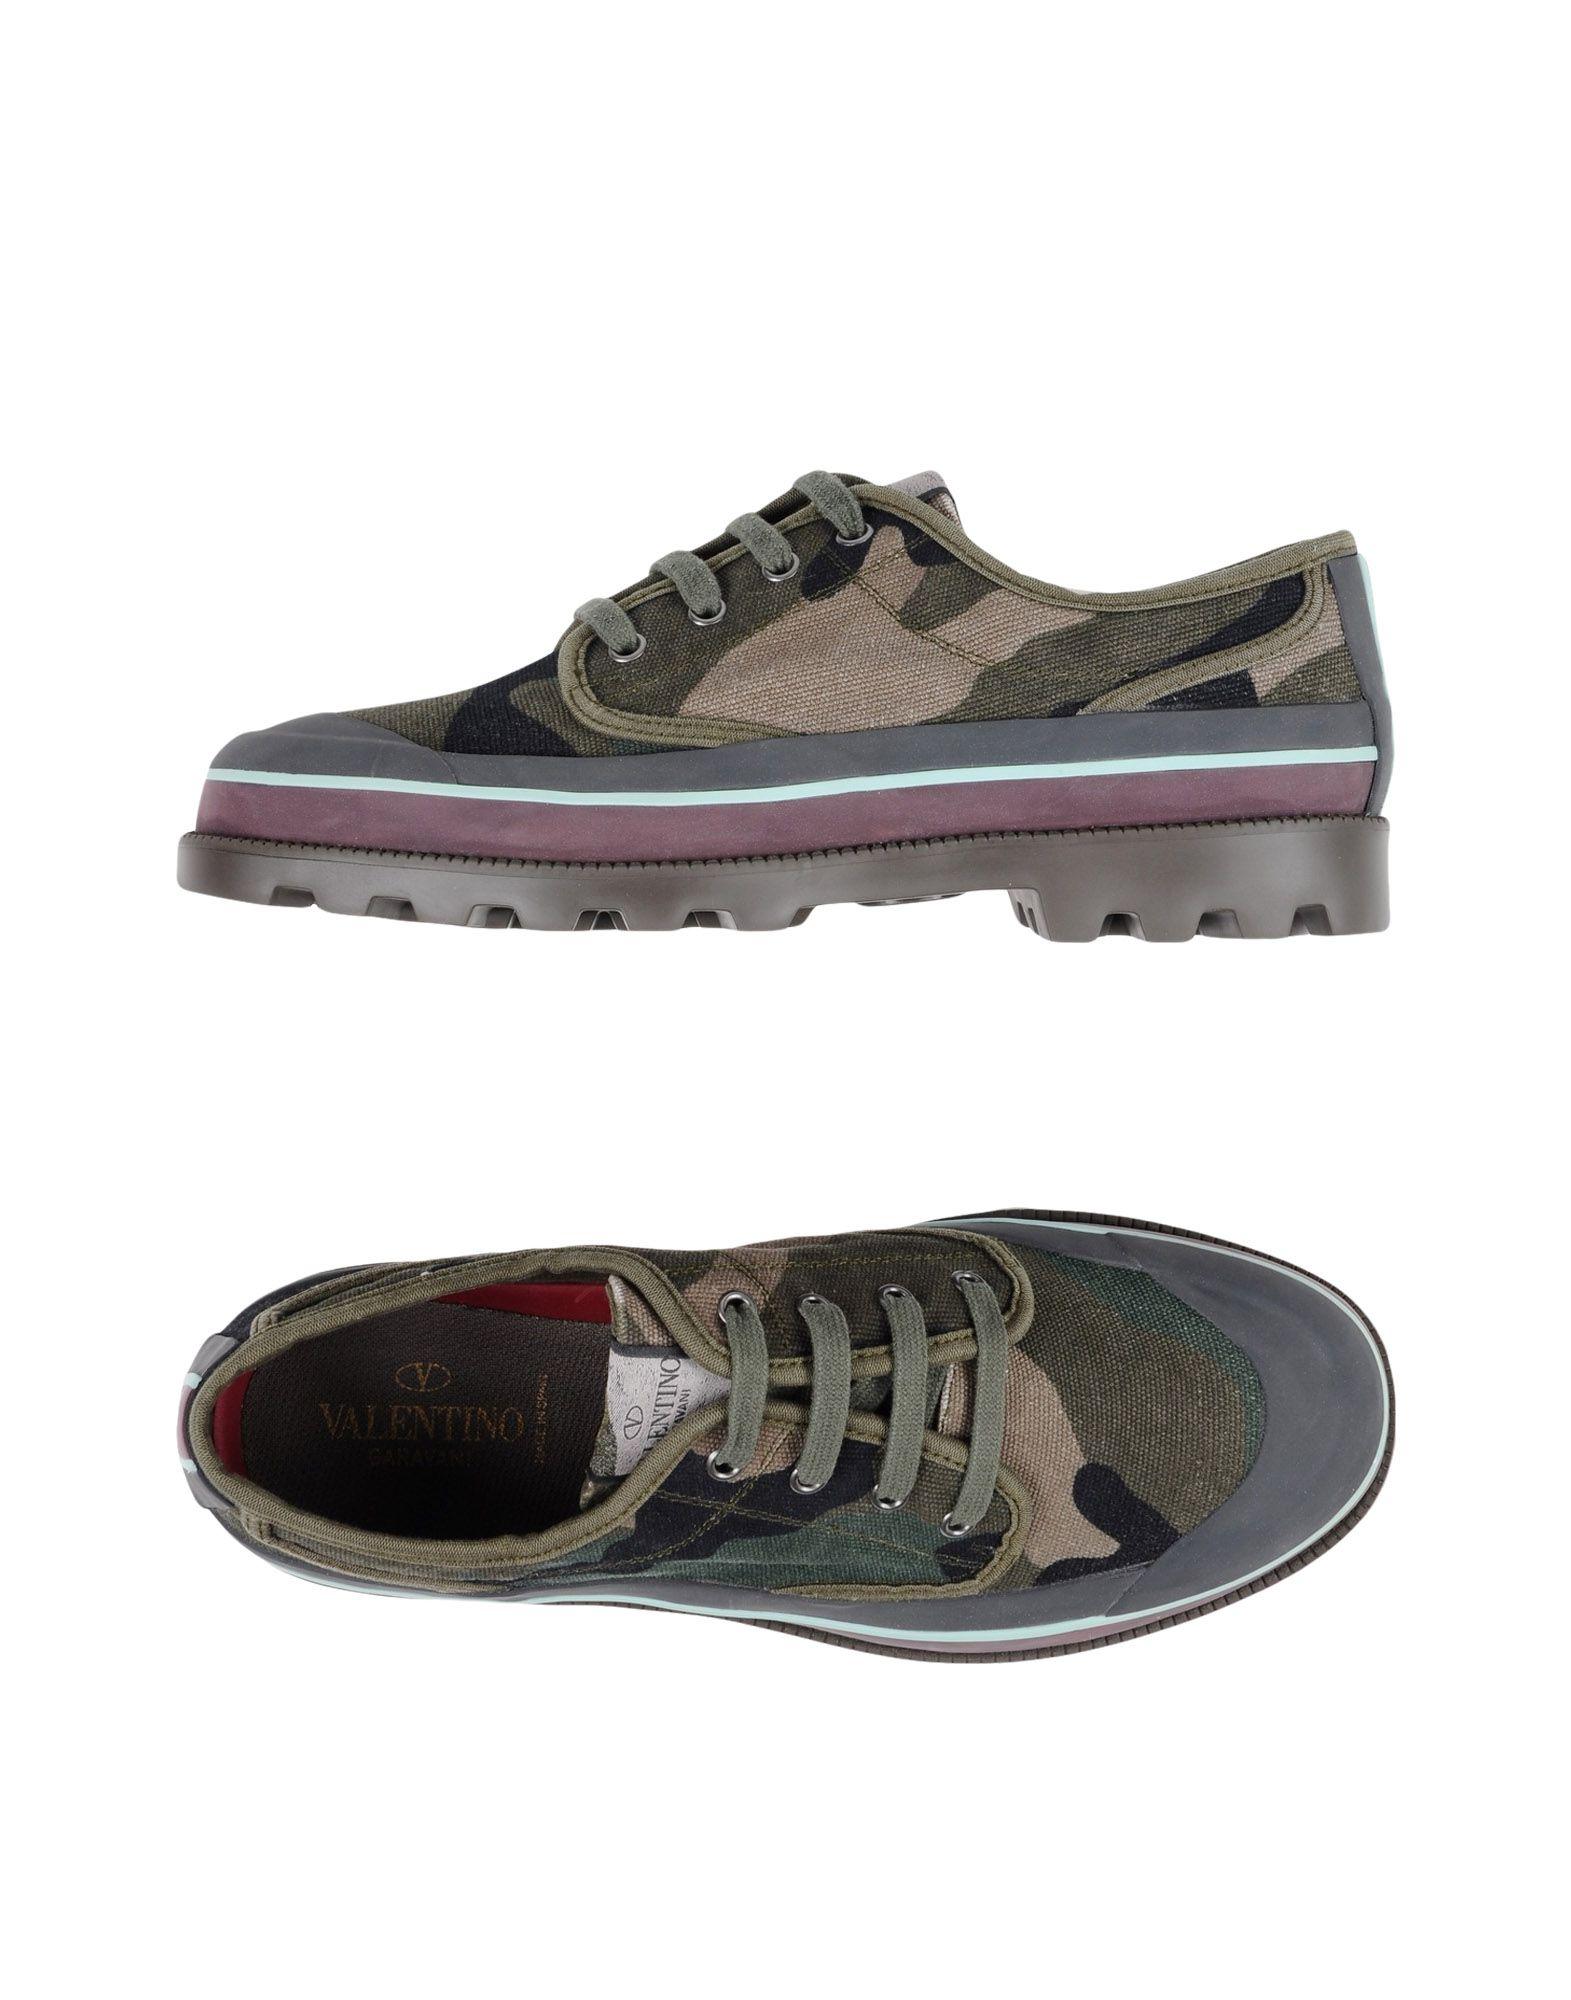 VALENTINO GARAVANI Обувь на шнурках цены онлайн